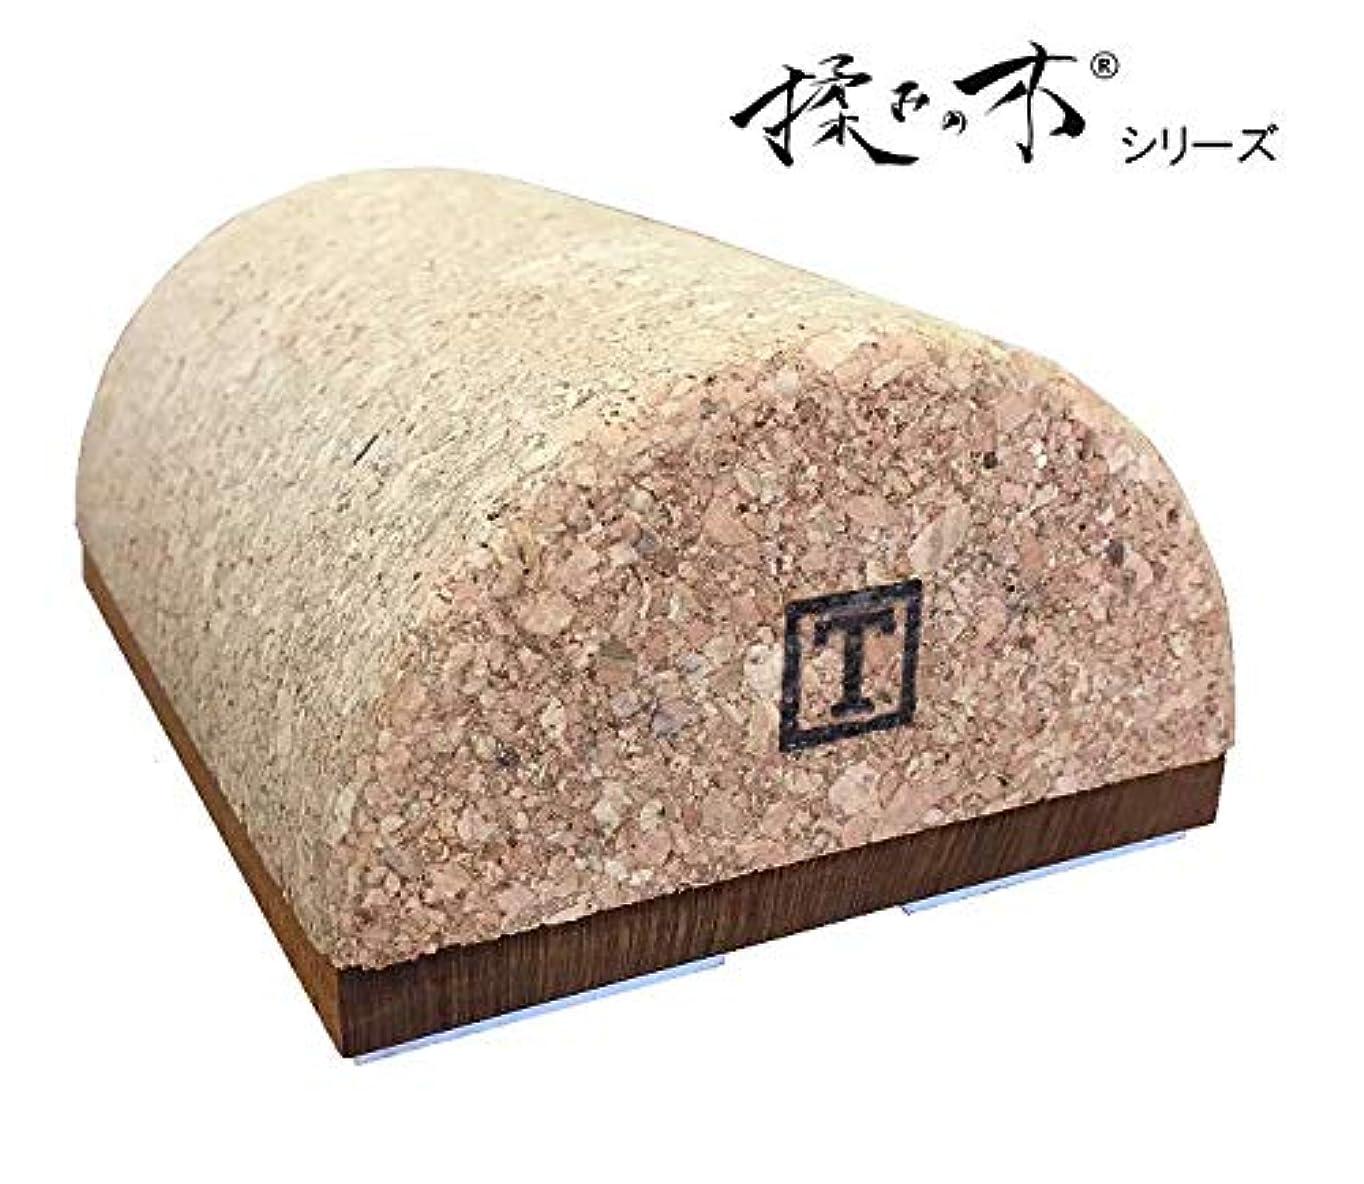 真似る成分くそー揉みの木シリーズ マルチタイプ